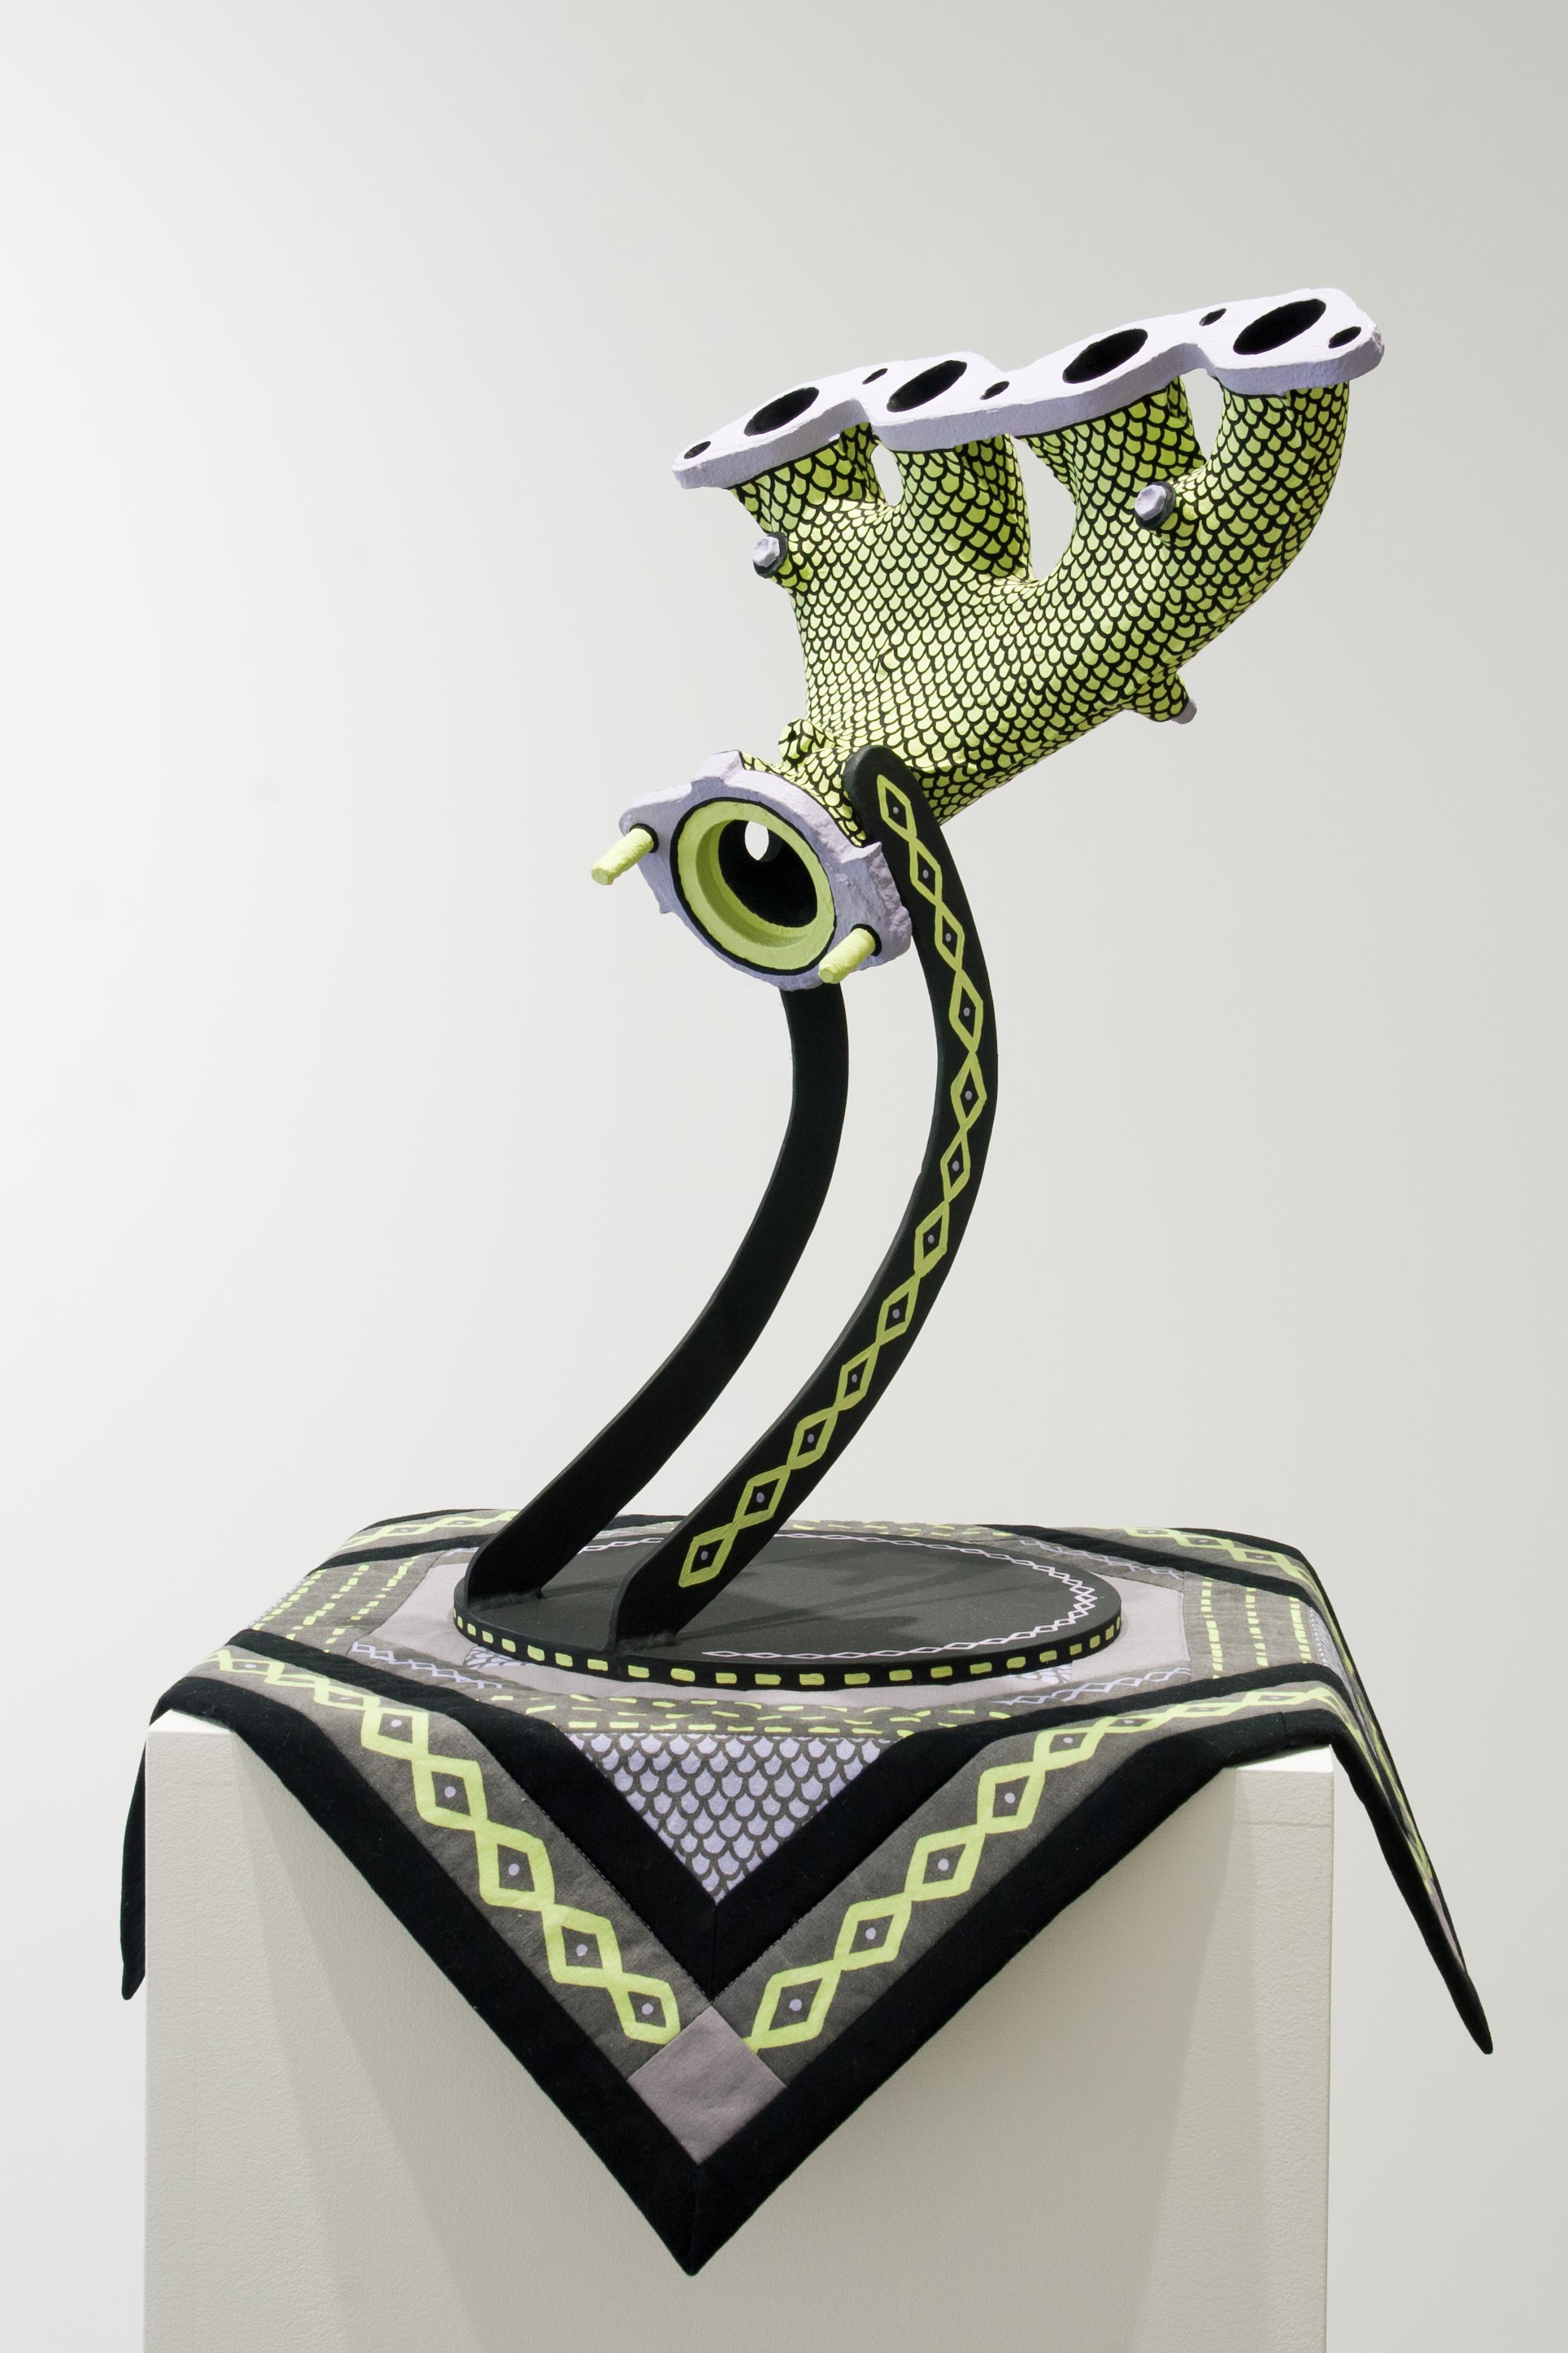 Manifold / Medusa , 2015,mixed media,62 x 49 x 49 cm (24 x 19 x 19 in)